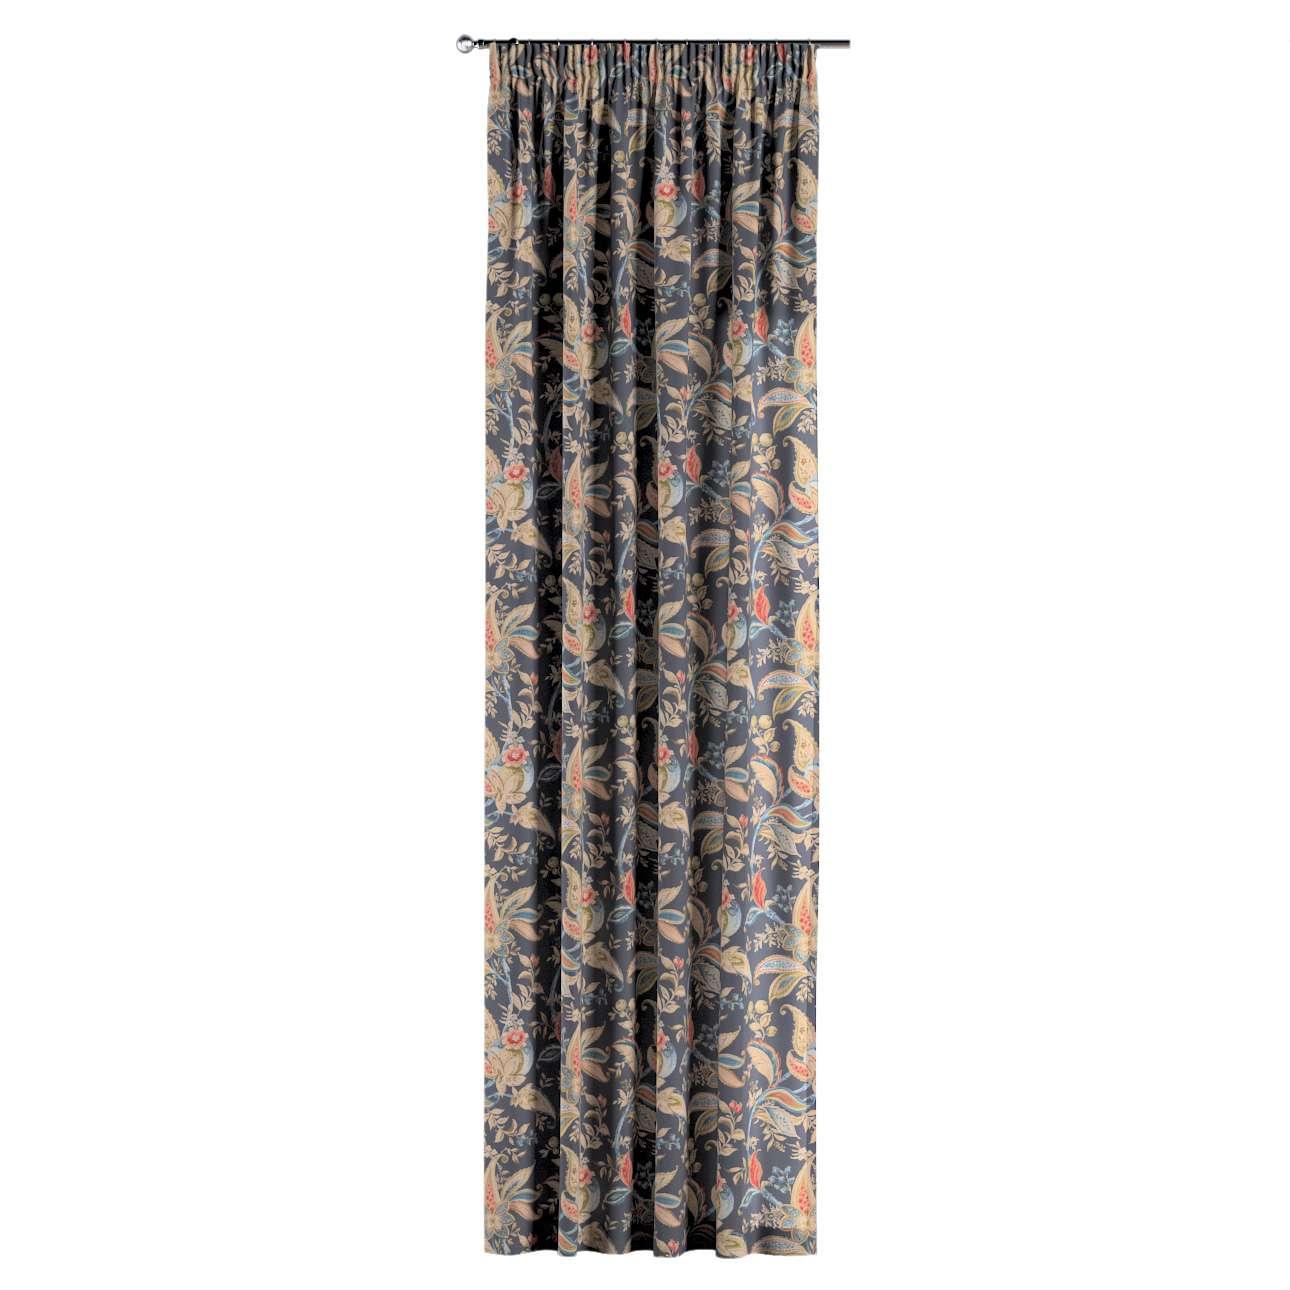 Závěs s řasící páskou v kolekci Gardenia, látka: 142-19